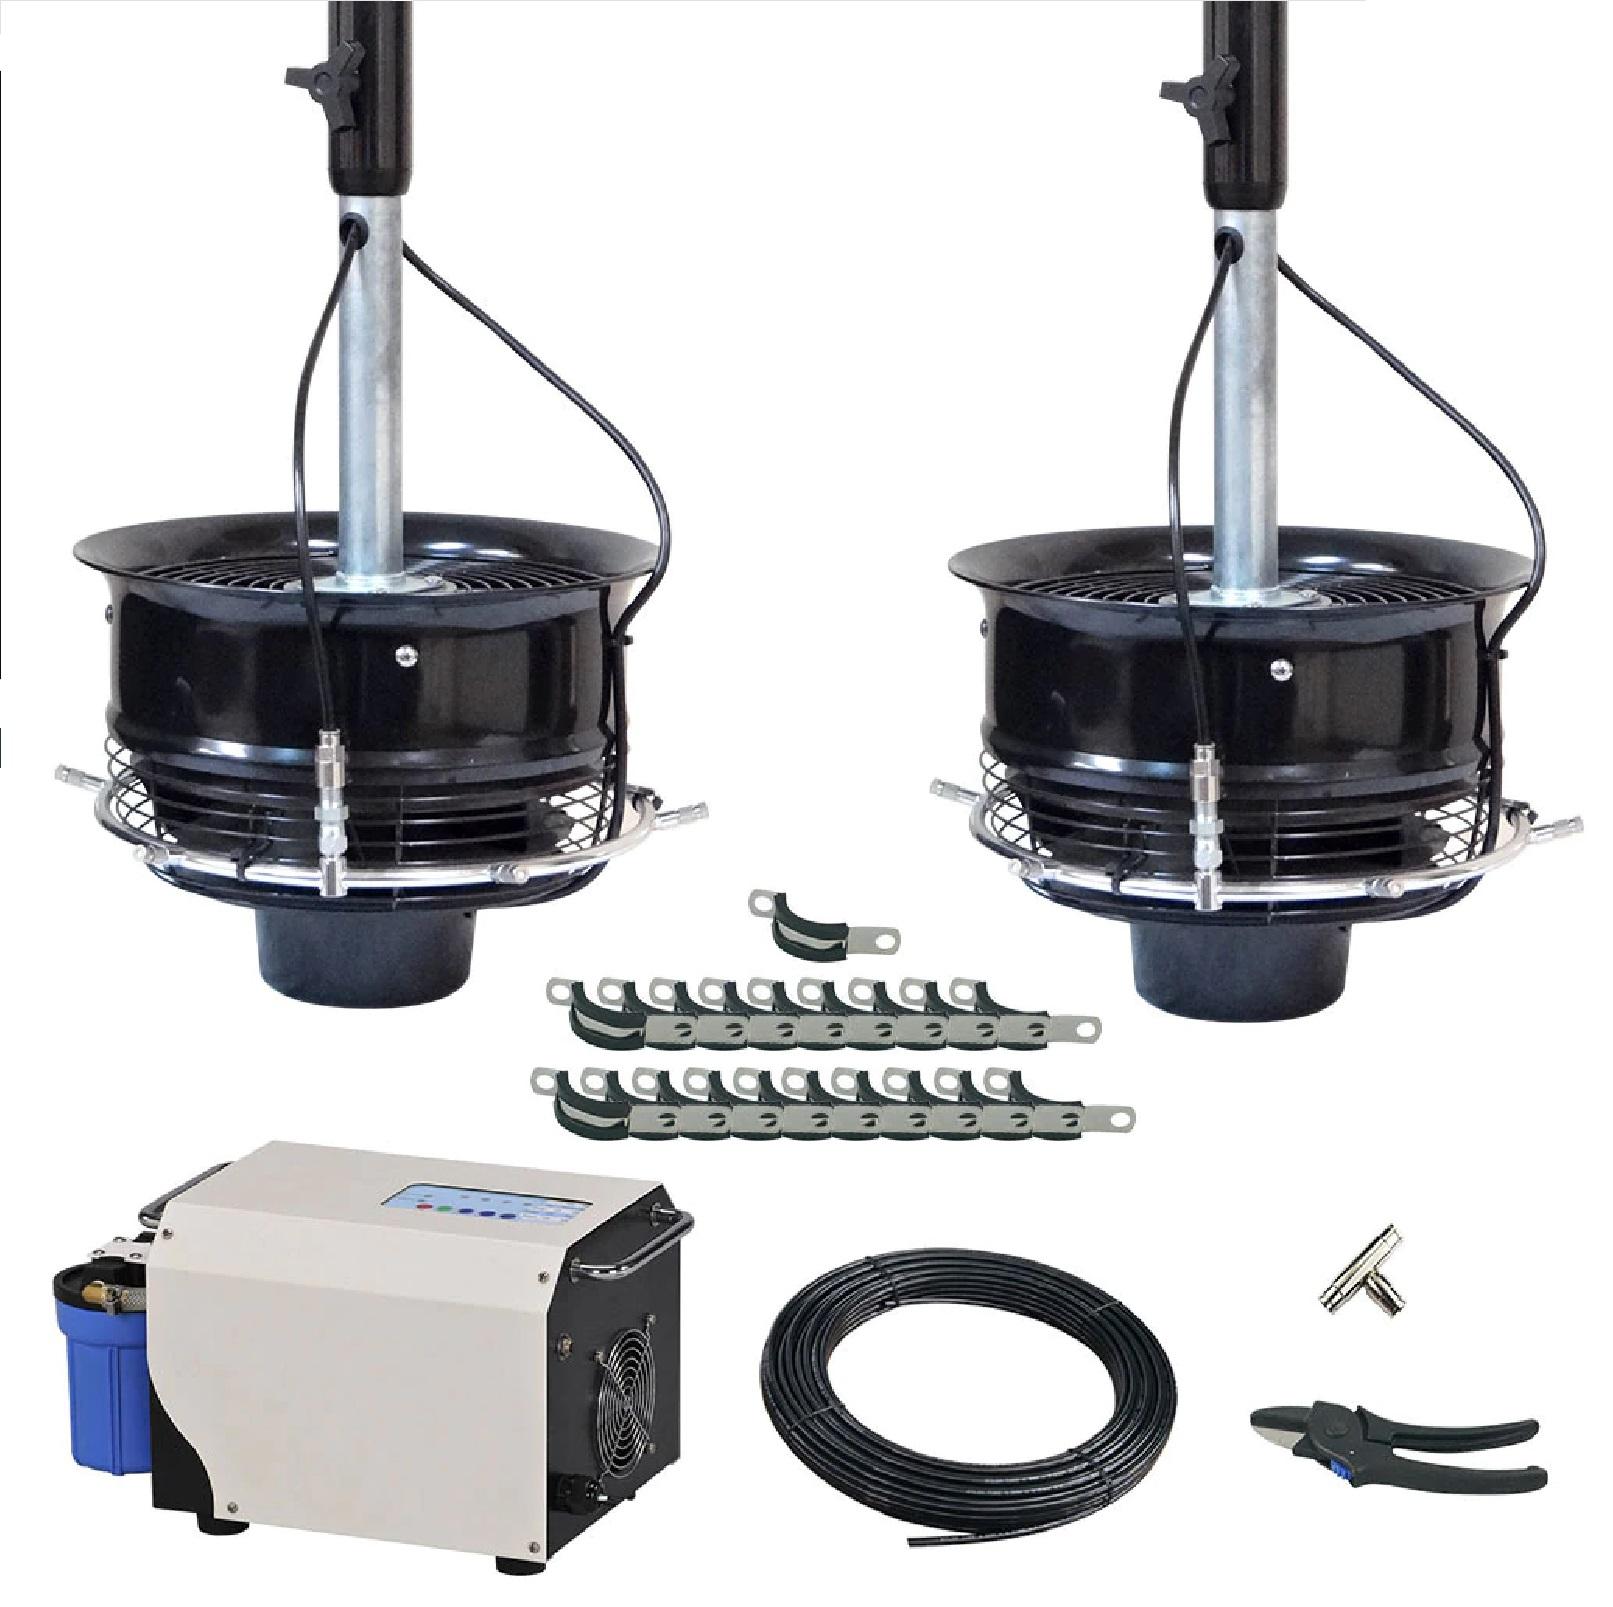 2 Ceiling Mount CentrMist Fans with 15 Nozzle Capacity Pump Package Black